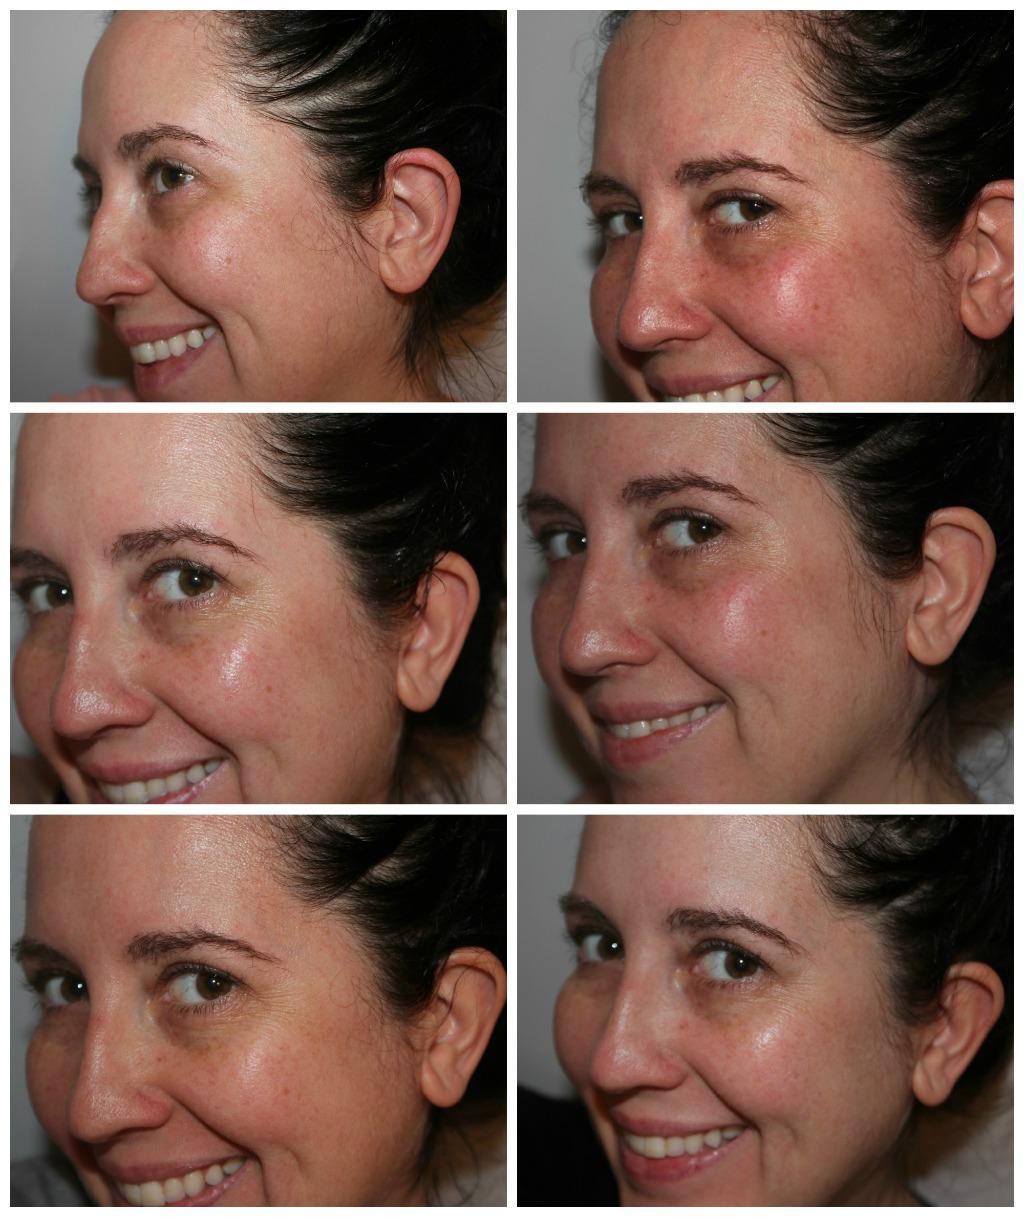 Sự thay đổi đáng kinh ngạc của làn da chỉ sau một thời gian ngắn sử dụng